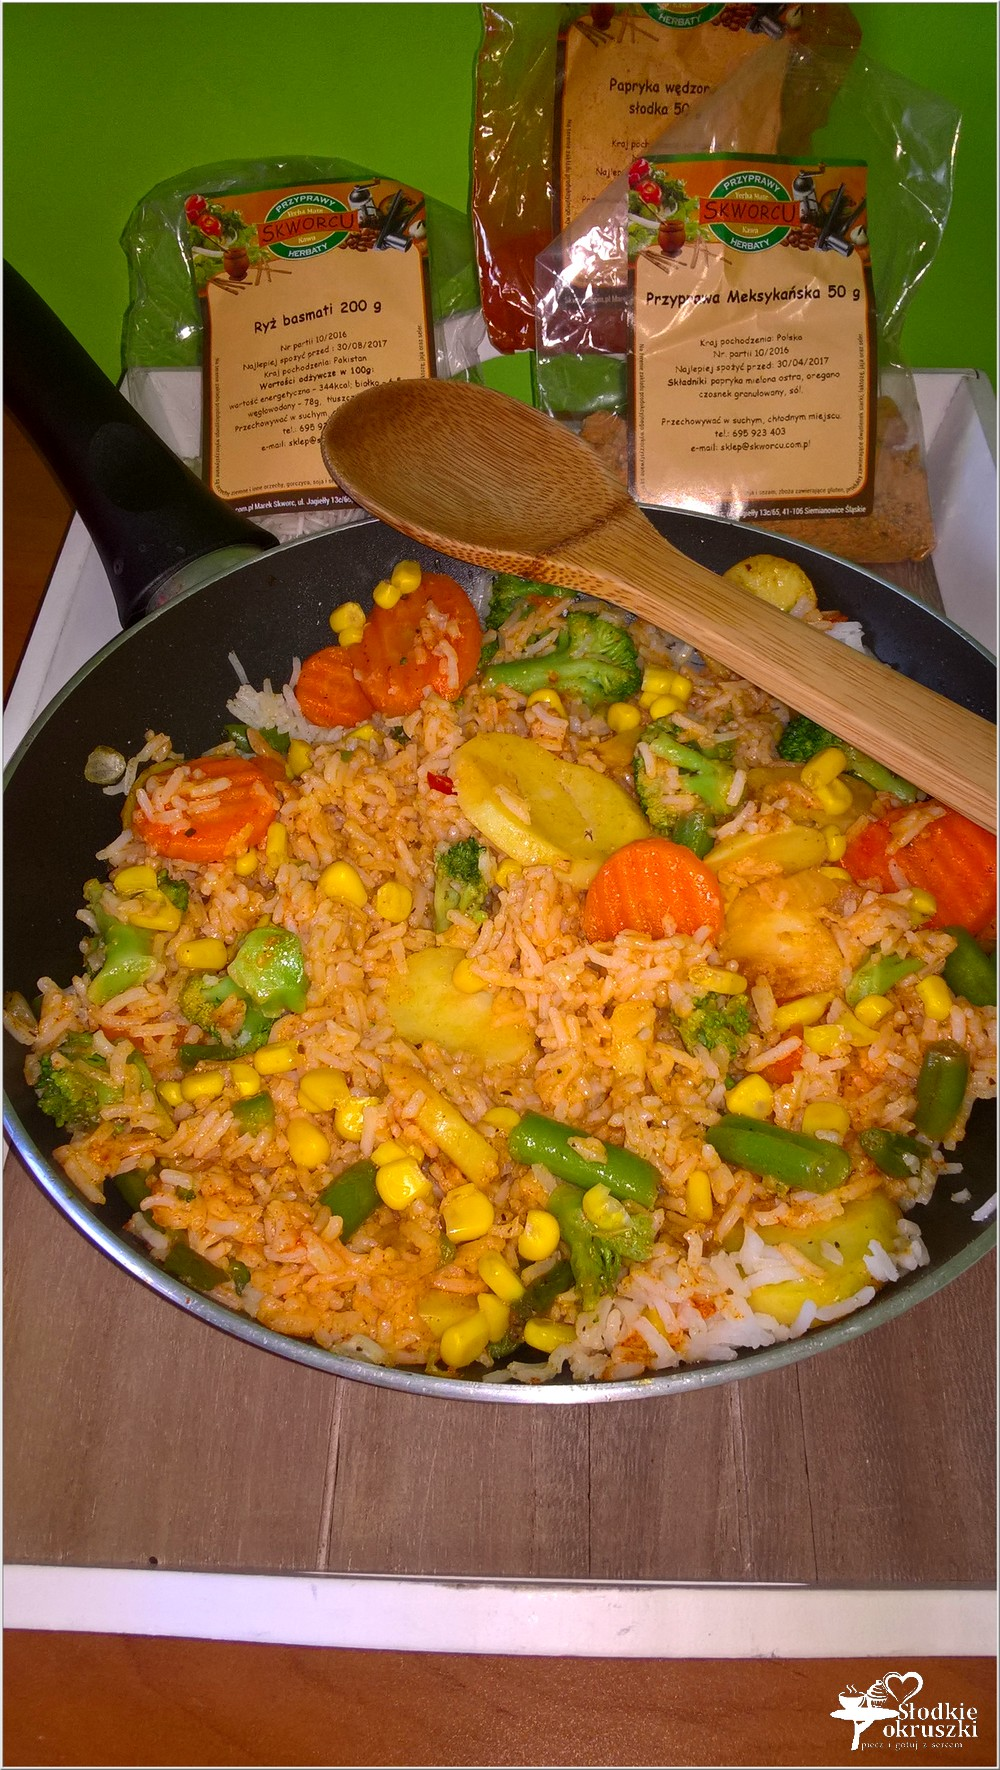 Szybki obiad. Pikantny ryż z warzywami (2)